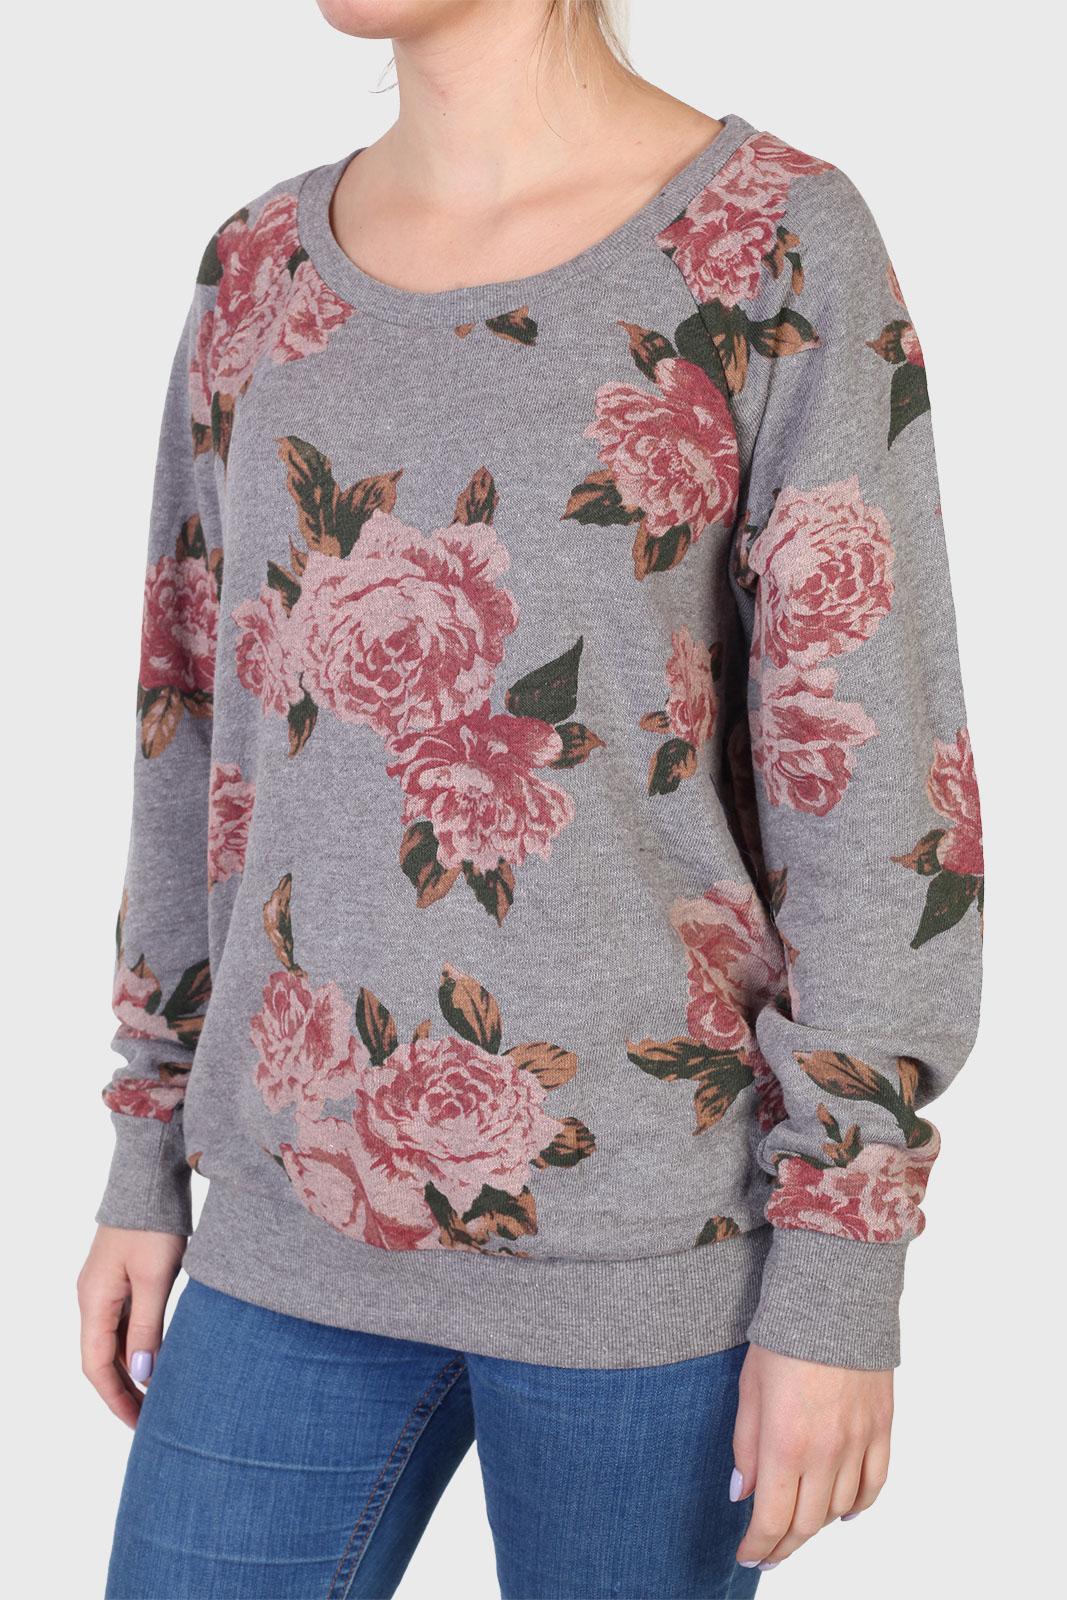 Купить в интернет магазине реглан с цветочным принтом